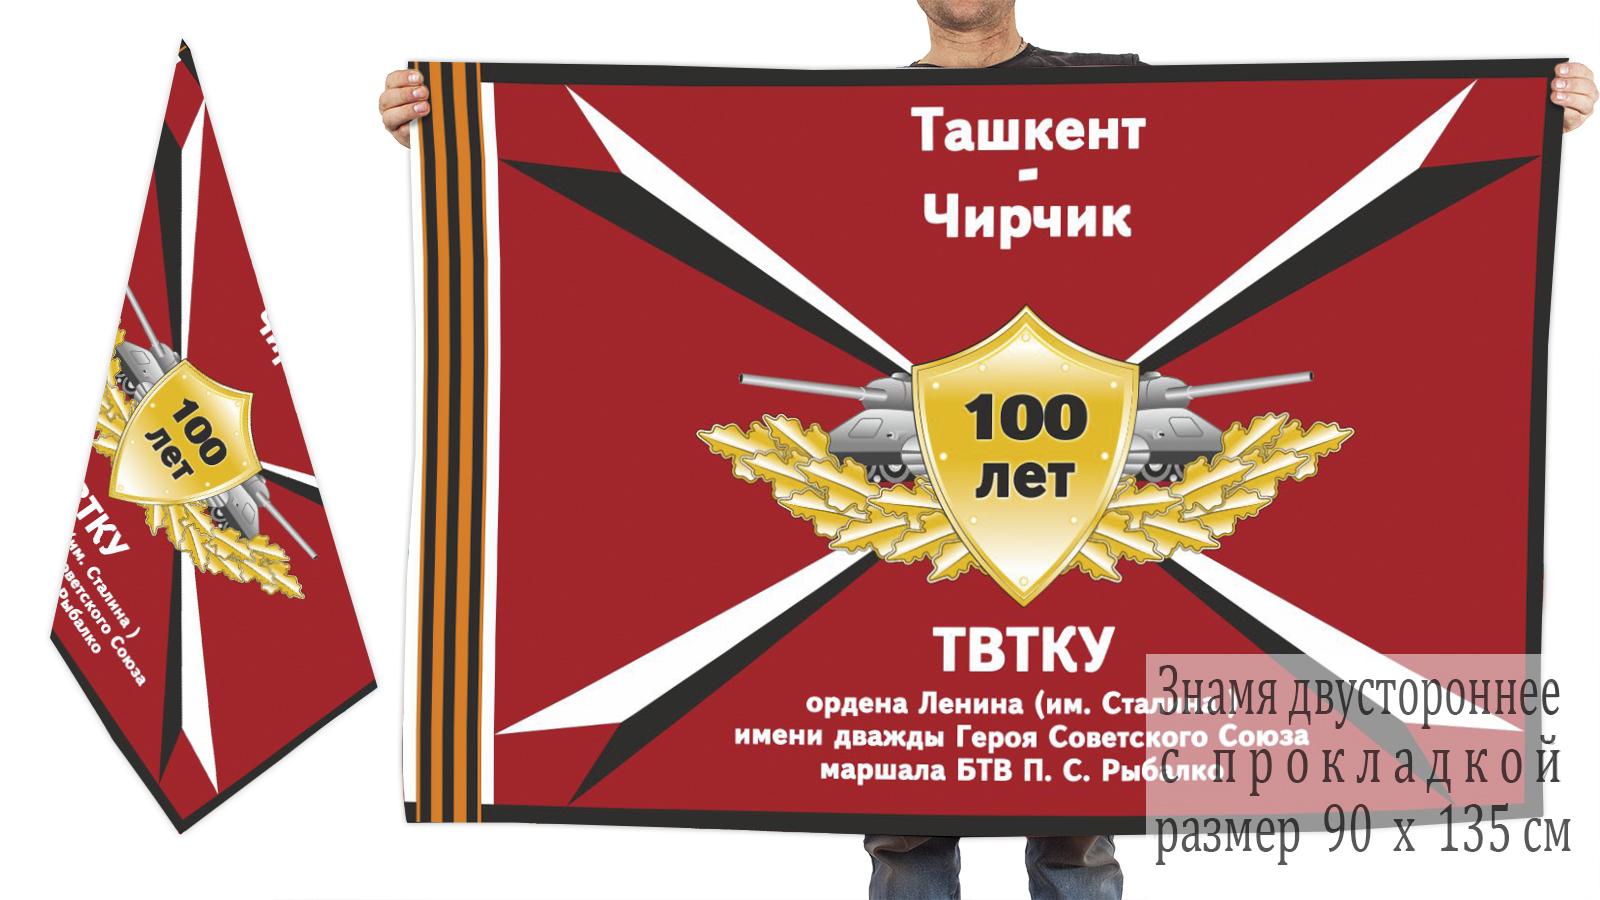 Двусторонний флаг Ташкентского высшего танкового командного училища